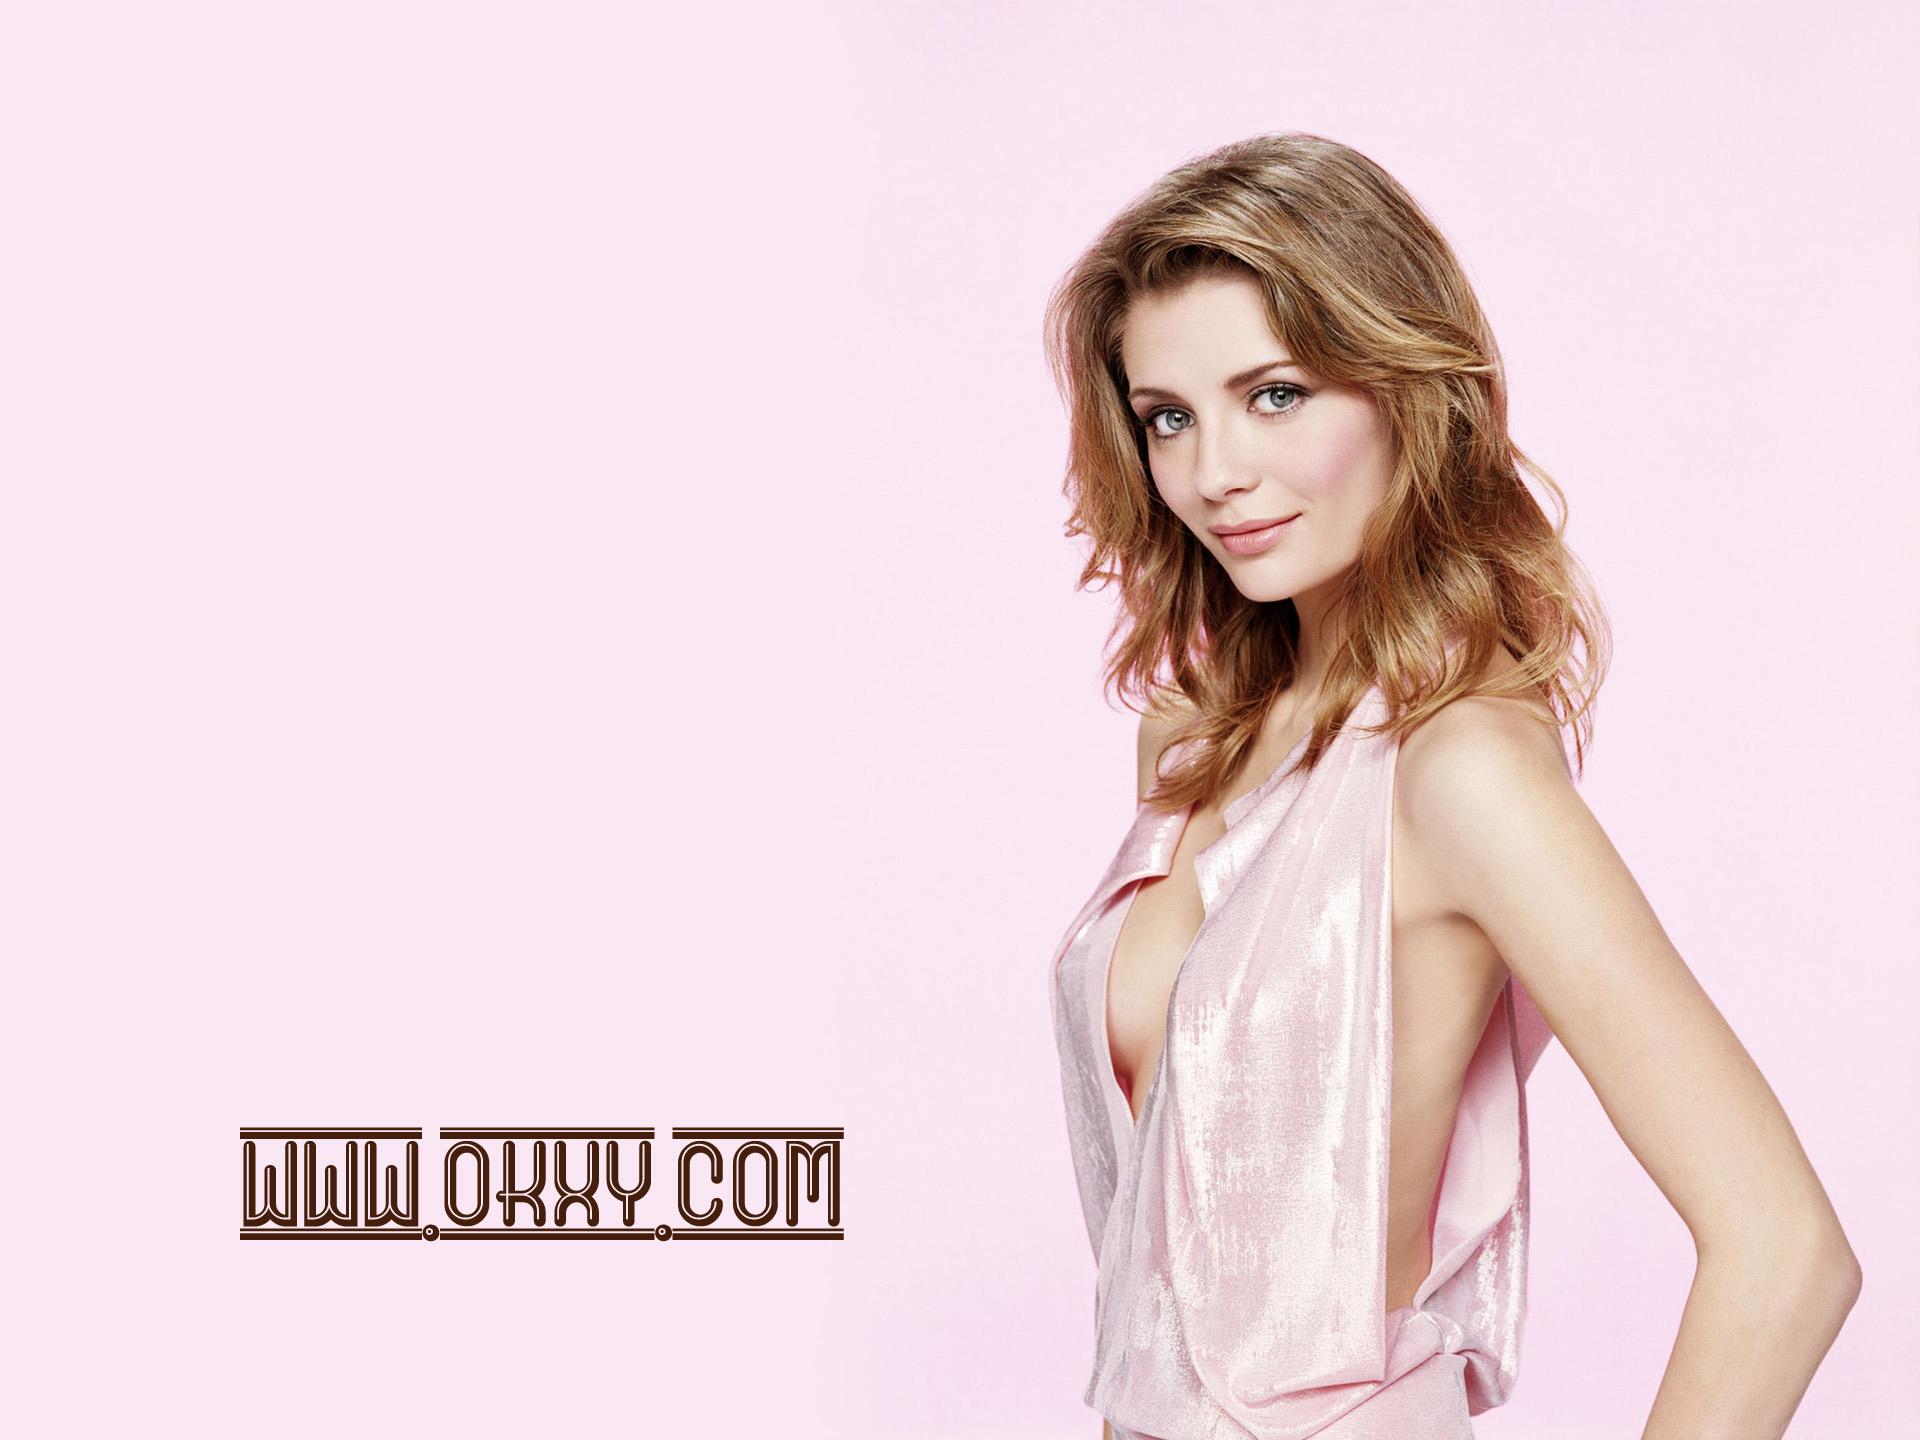 欧美模特欧美女国外模特外国明星图片女